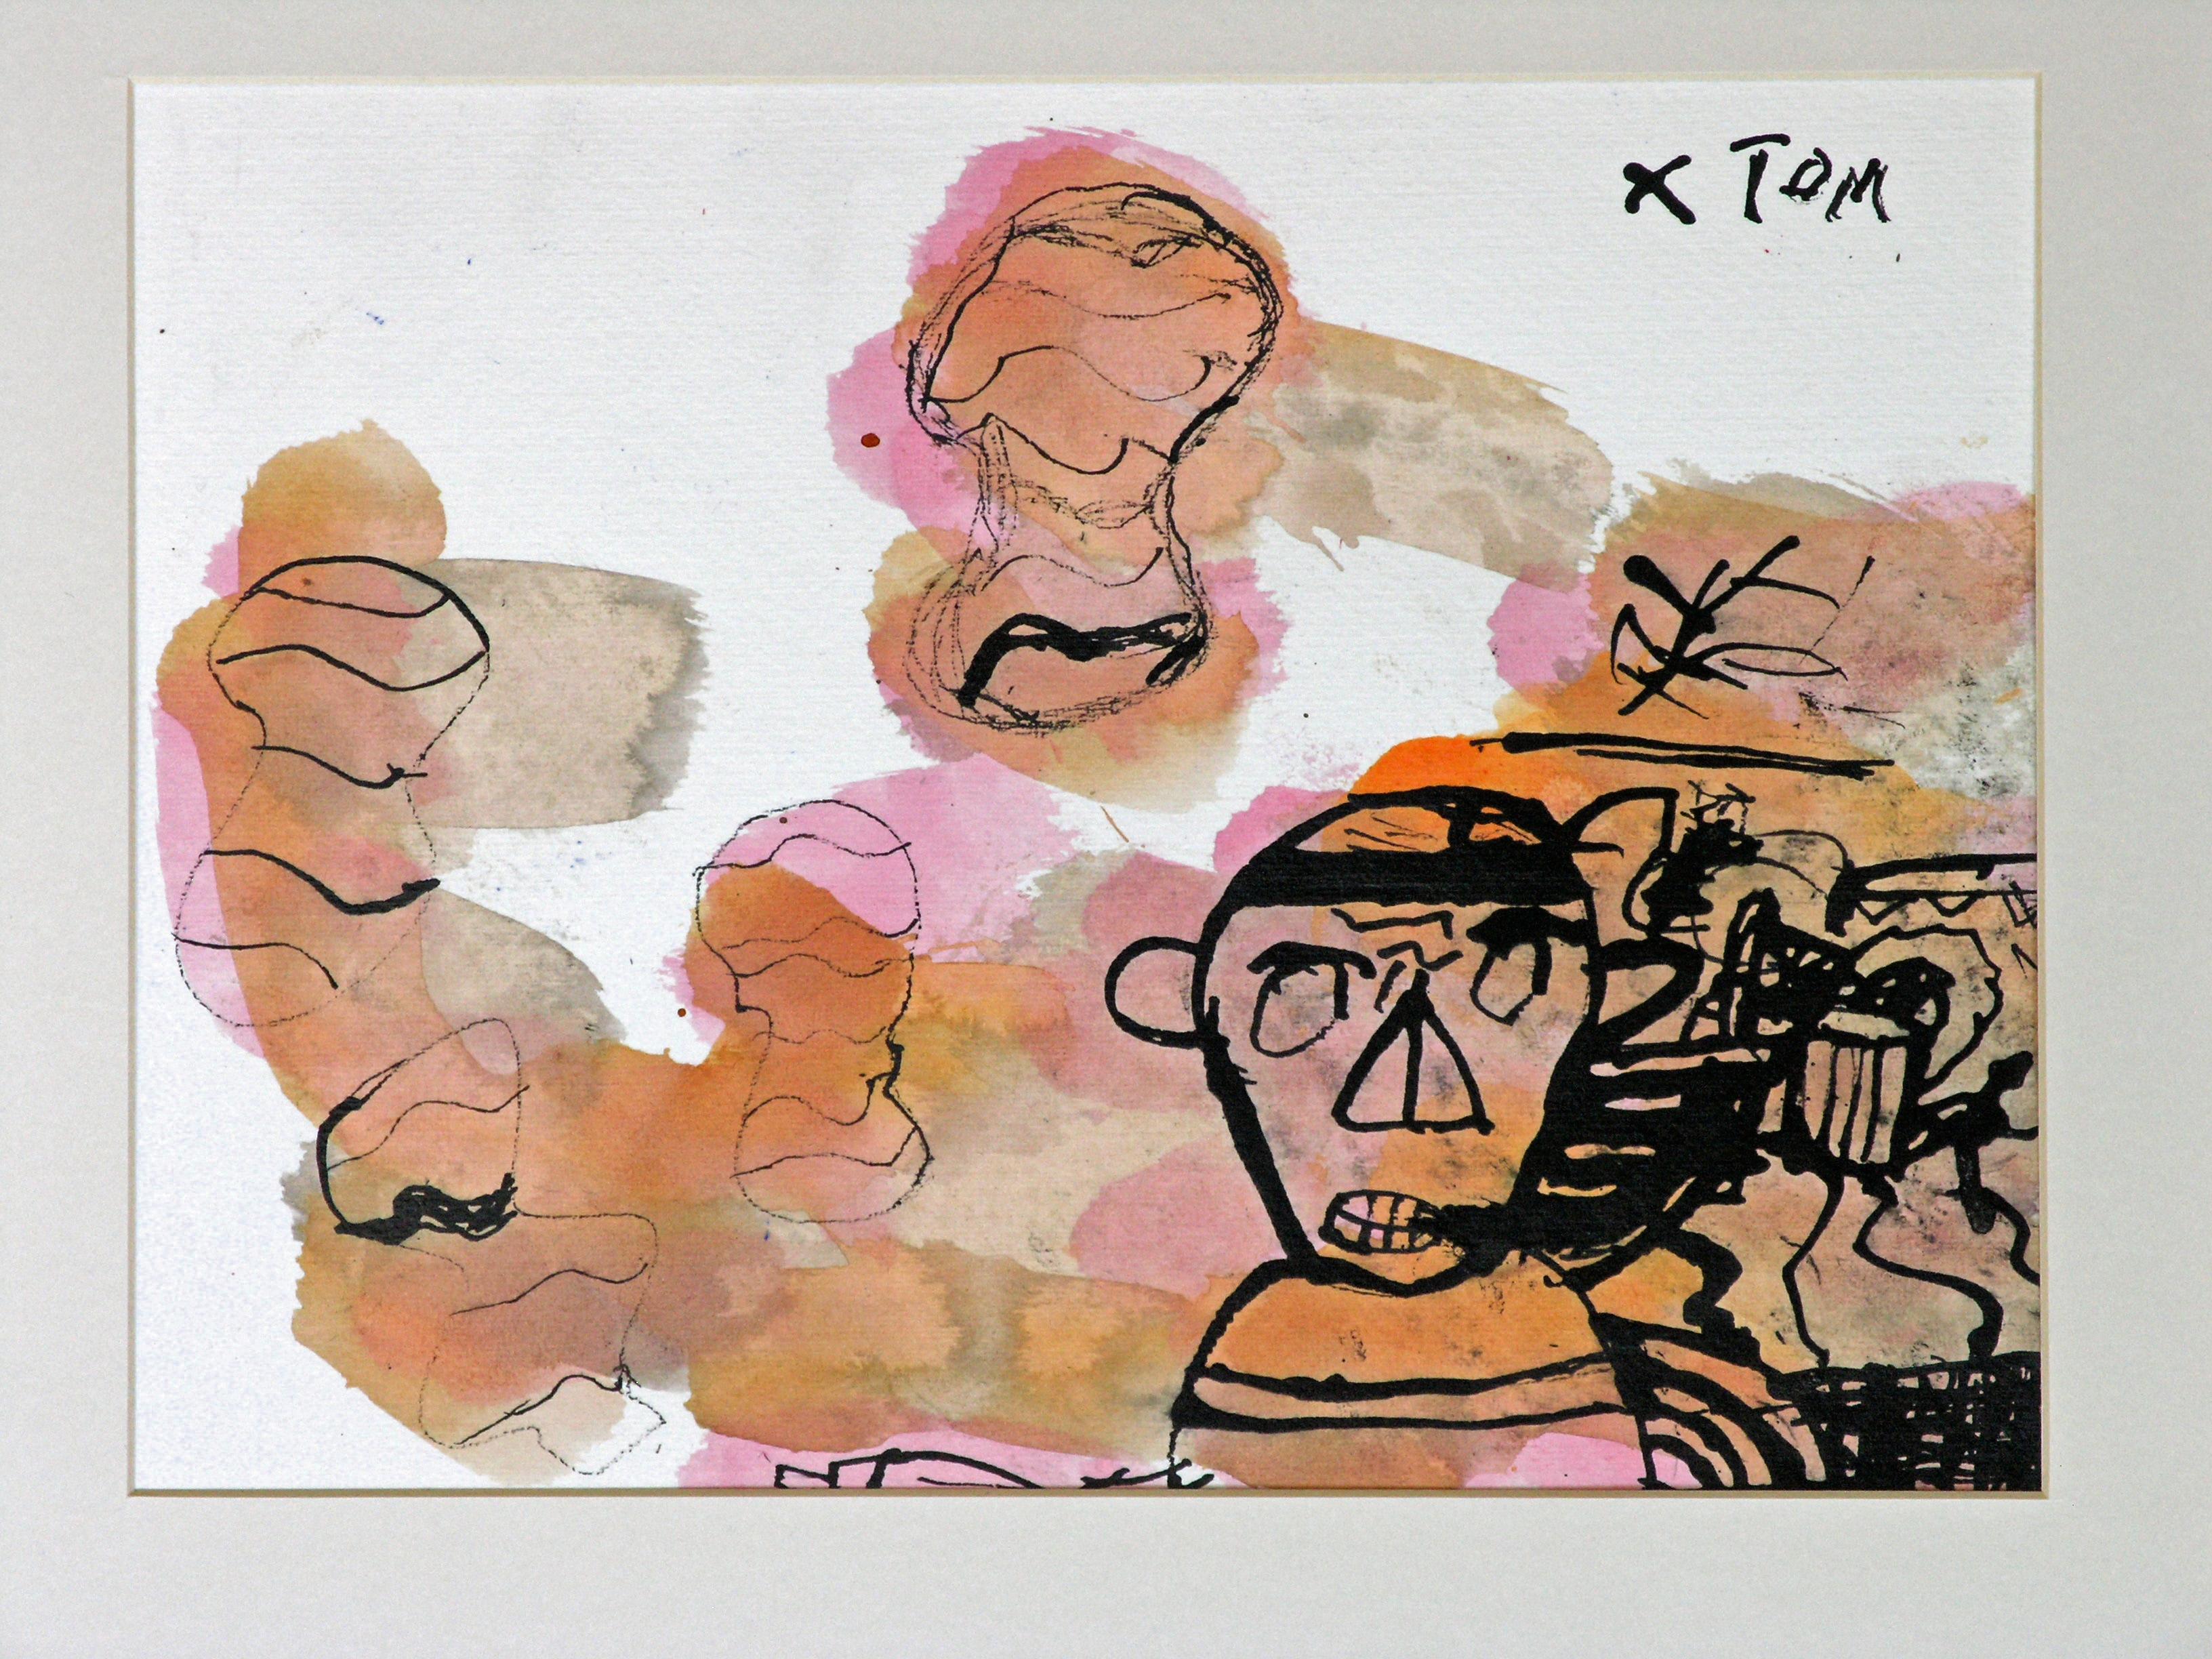 2501 || 1454 || Untitled Tom Hodson